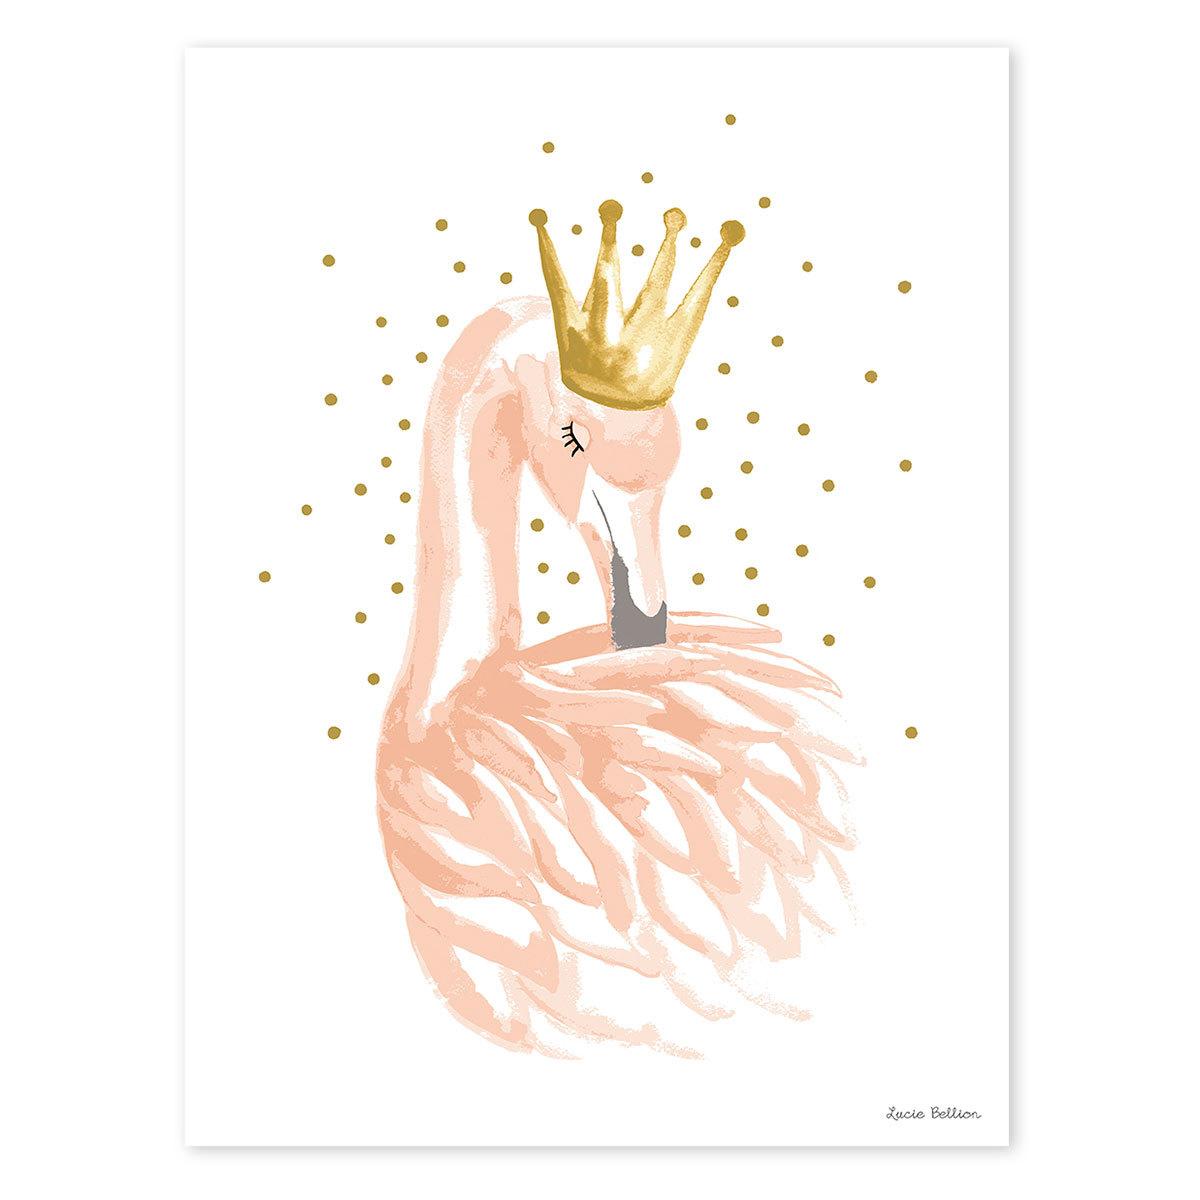 Affiche & poster Flamingo - Affiche Romantique Flamant Flamingo - Affiche Romantique Flamant